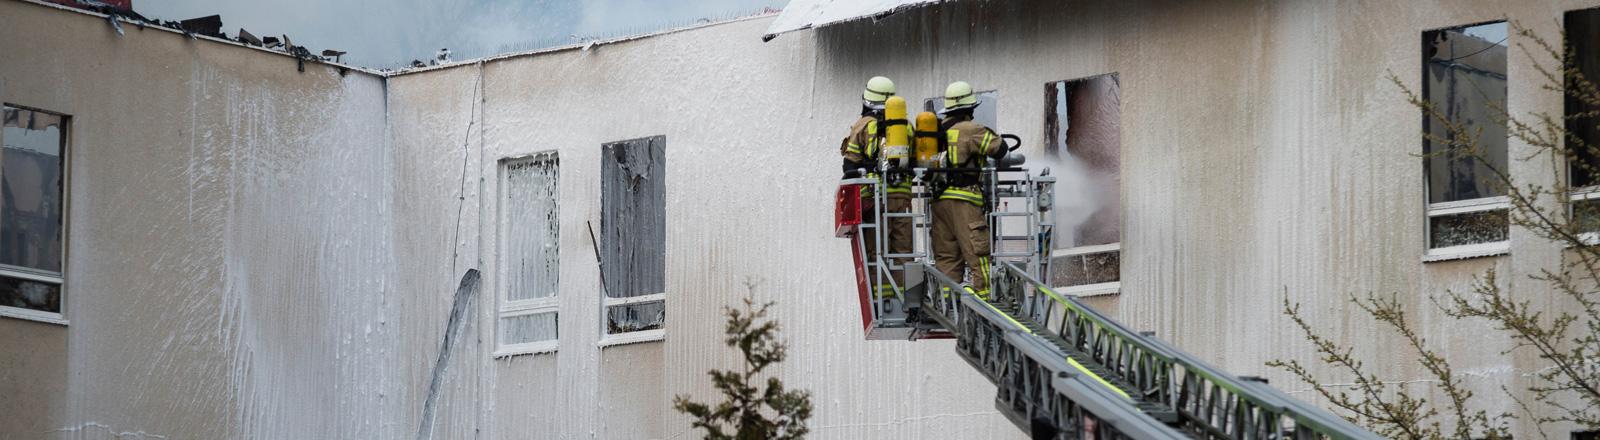 """Löscharbeiten nach einem Brand am 14.04.2015 in einem Flüchtlingsheim der """"Stiftung zur Förderung sozialer Dienste"""" in Berlin-Lichterfelde."""